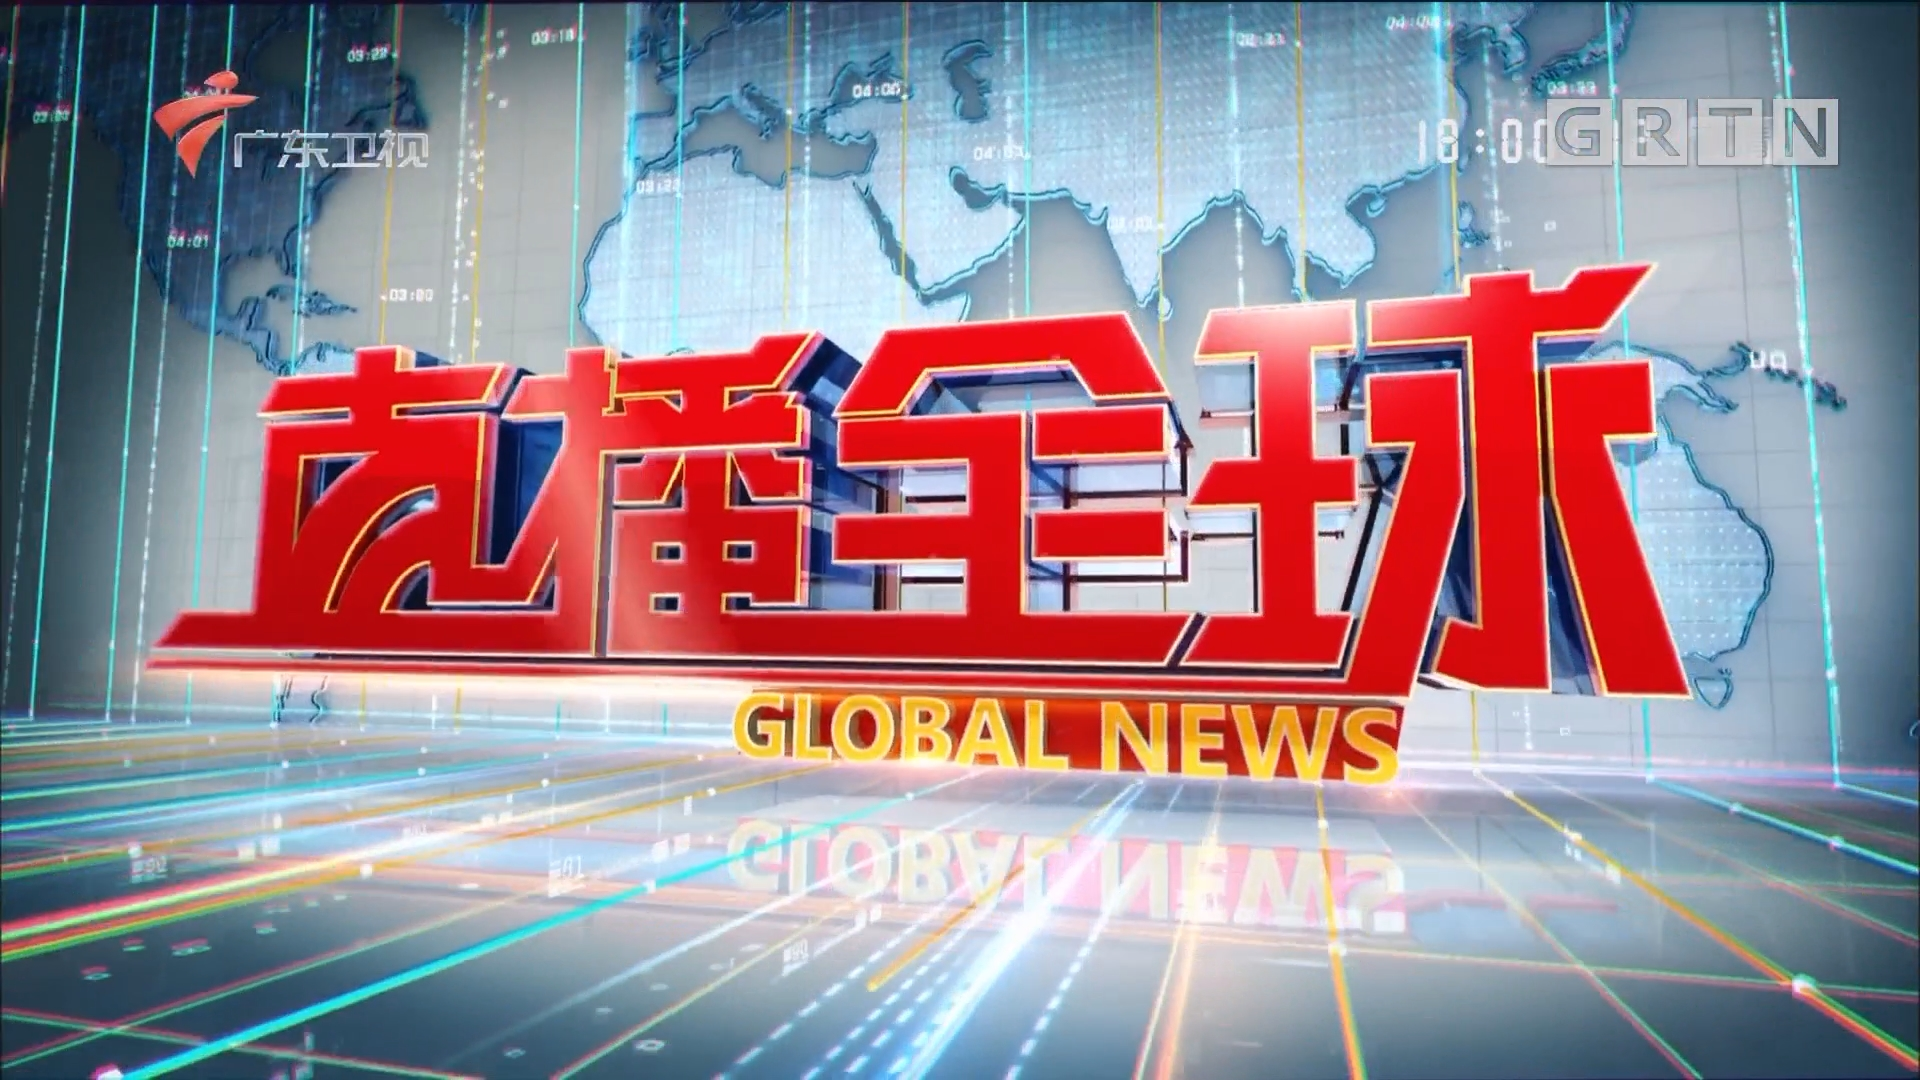 [HD][2017-11-09]直播全球:习近平主席举行仪式欢迎特朗普访华:欢迎仪式持续近20分钟